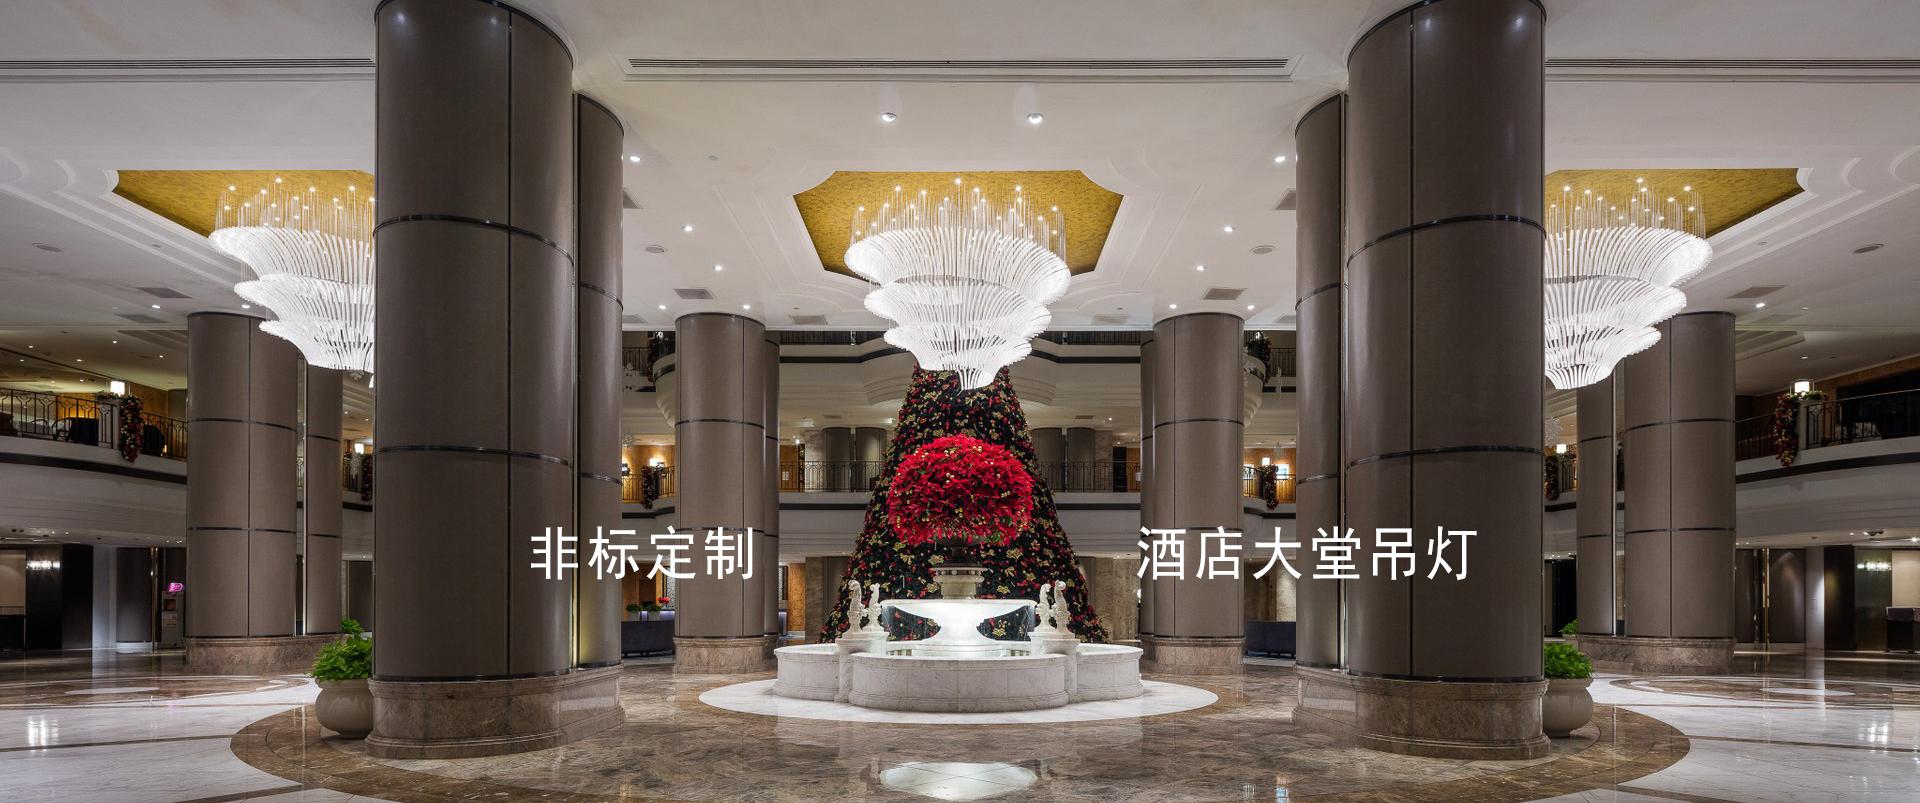 高档酒店灯具